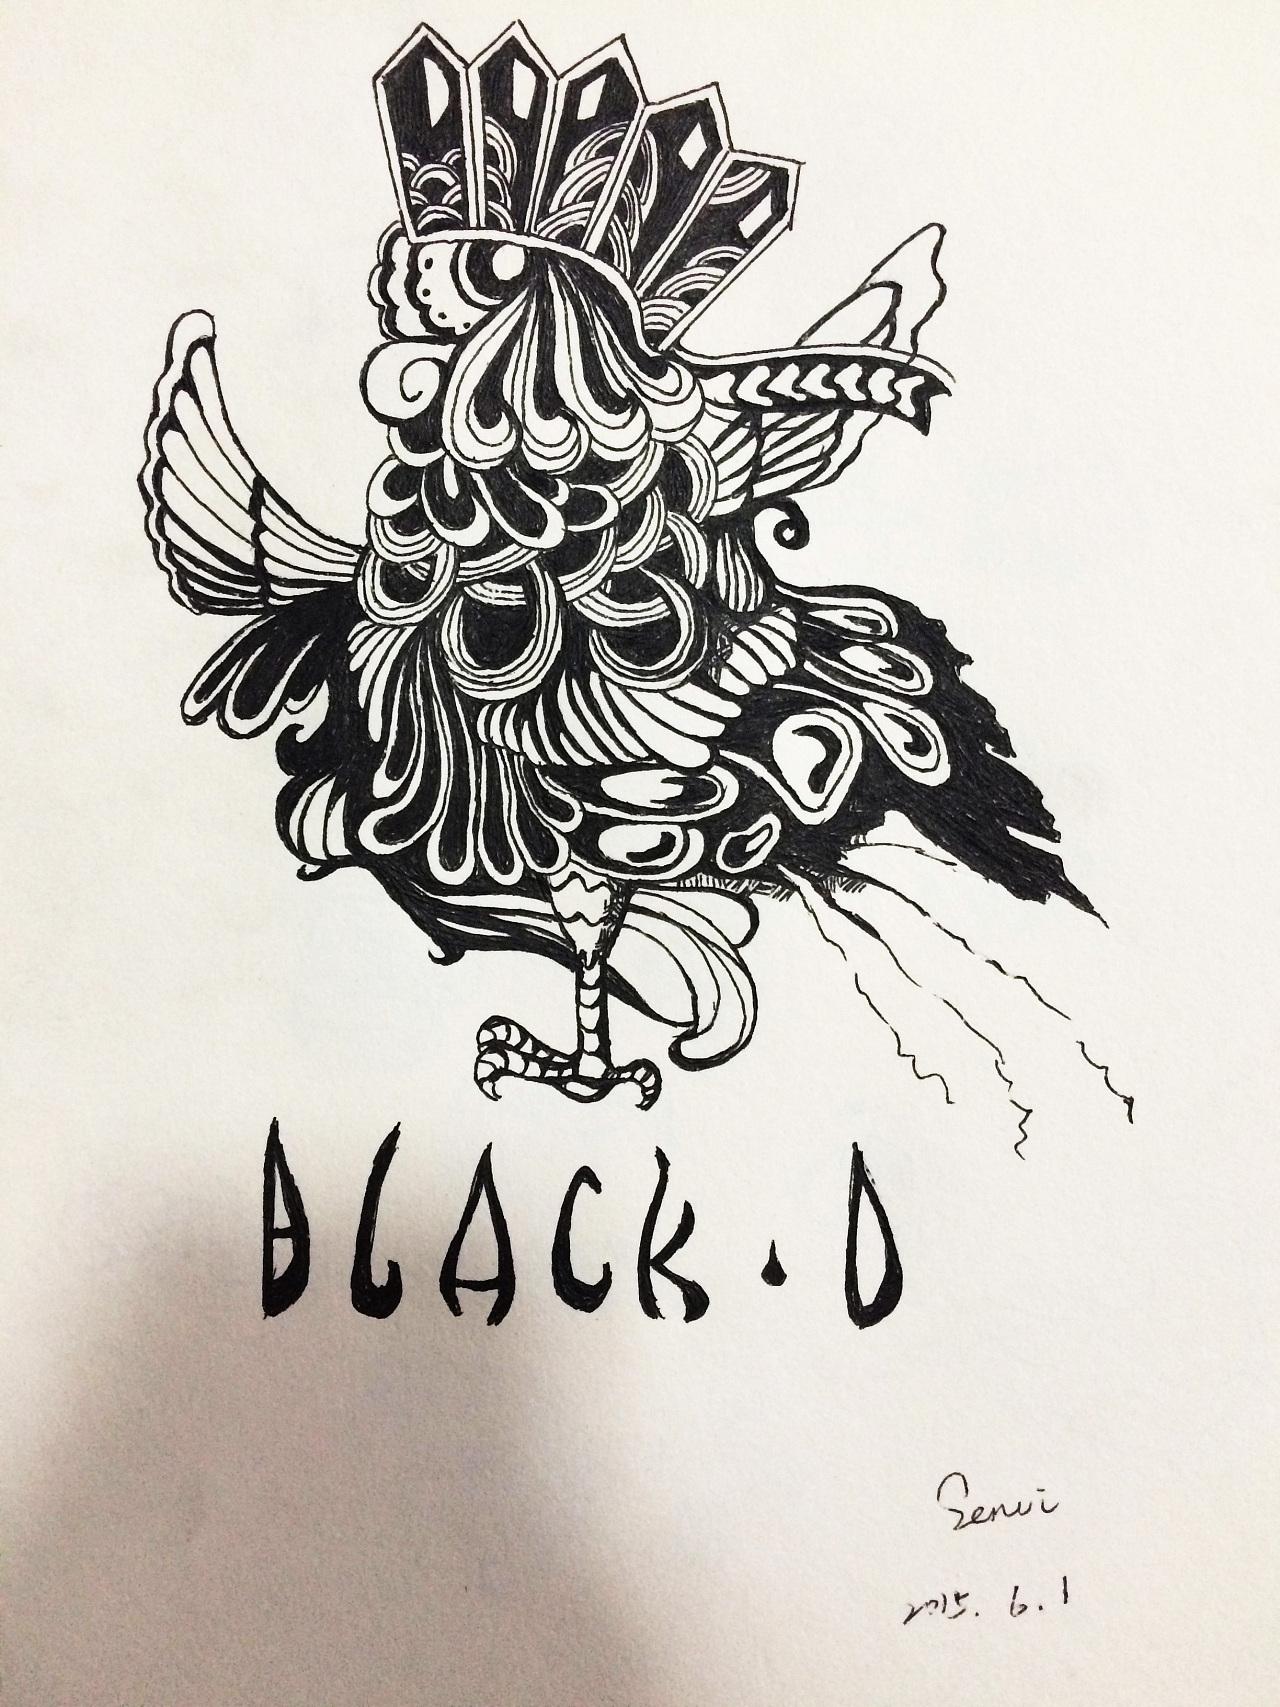 黑白手绘|插画|插画习作|senvi33 - 原创作品 - 站酷